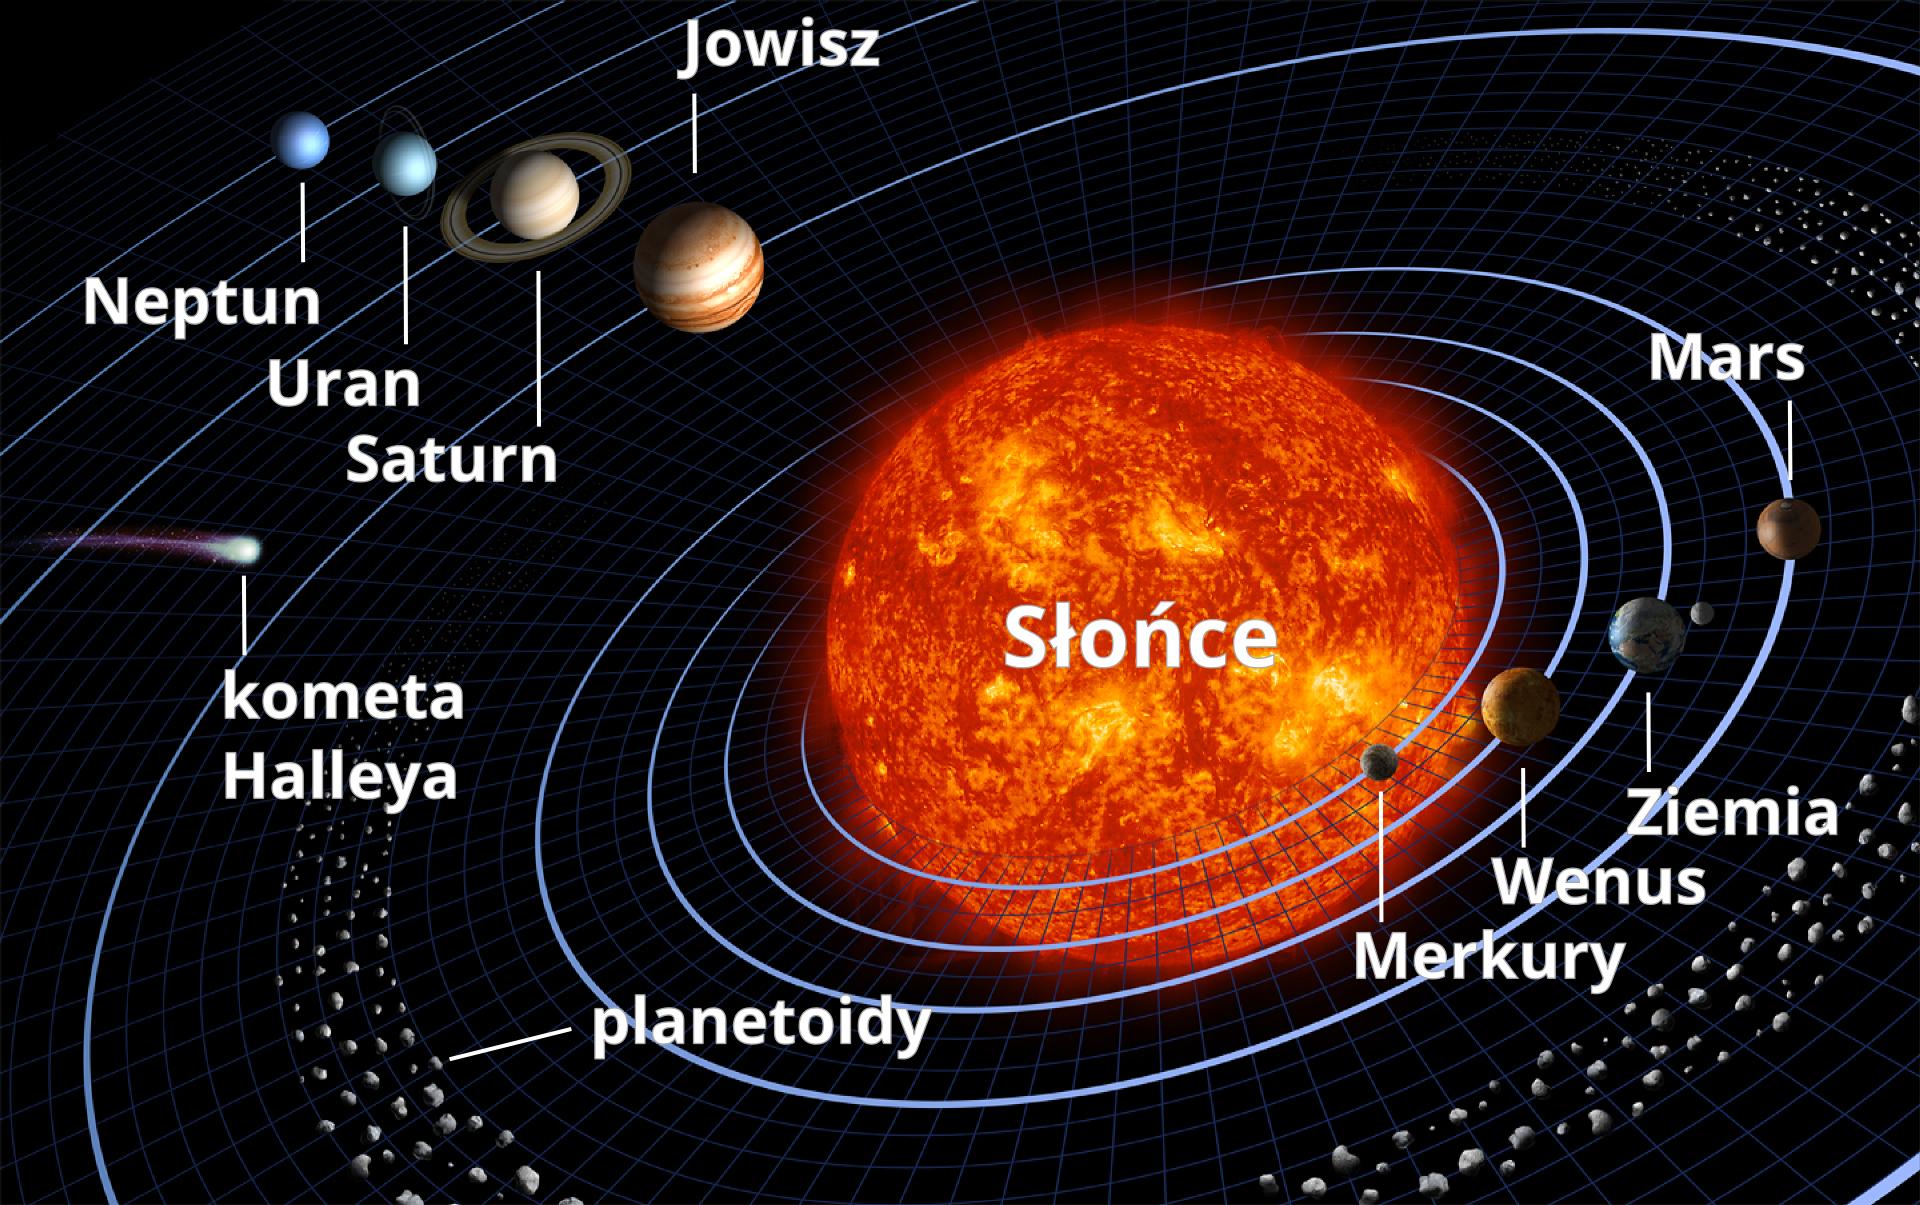 """Ilustracja przedstawia Układ Słoneczny. Tło czarne. Na środku czerwono-pomarańczowe Słońce. Wokół słońca narysowano eliptyczne orbity. Na orbitach znajdują się planety. Na orbicie wewnętrznej, najmniejszej: Merkury. Dalej: Wenus, Ziemia, Mars, Jowisz, Saturn, Uran iNeptun. Pomiędzy orbitą Marsa aorbitą Jowisza znajduje się pas małych punktów opisany jako """"Planetoidy"""". Pomiędzy orbitami Jowisza iSaturna narysowano """"Kometę Halleya"""" – biały punkt zróżowo-fioletowym """"warkoczem""""."""